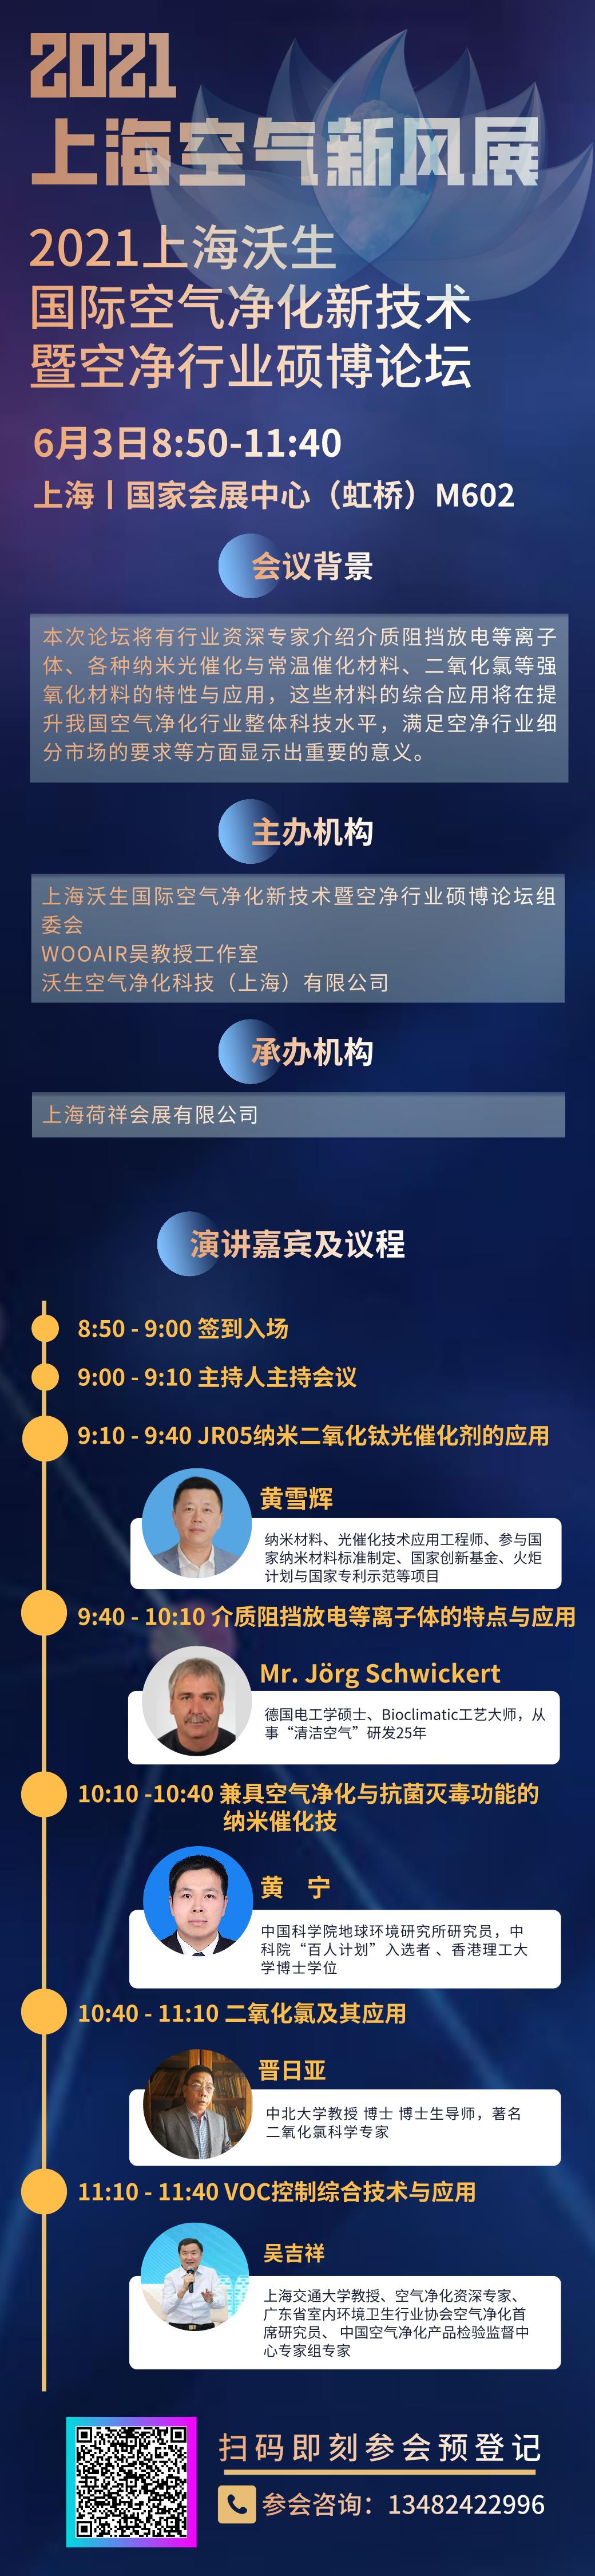 邀请函 丨2021上海沃生国际空气净化新技术暨空净行业硕博论坛-上海空气新风展 AIRVENTEC CHINA 2022.6.8-10新风系统 通风设备 空气净化